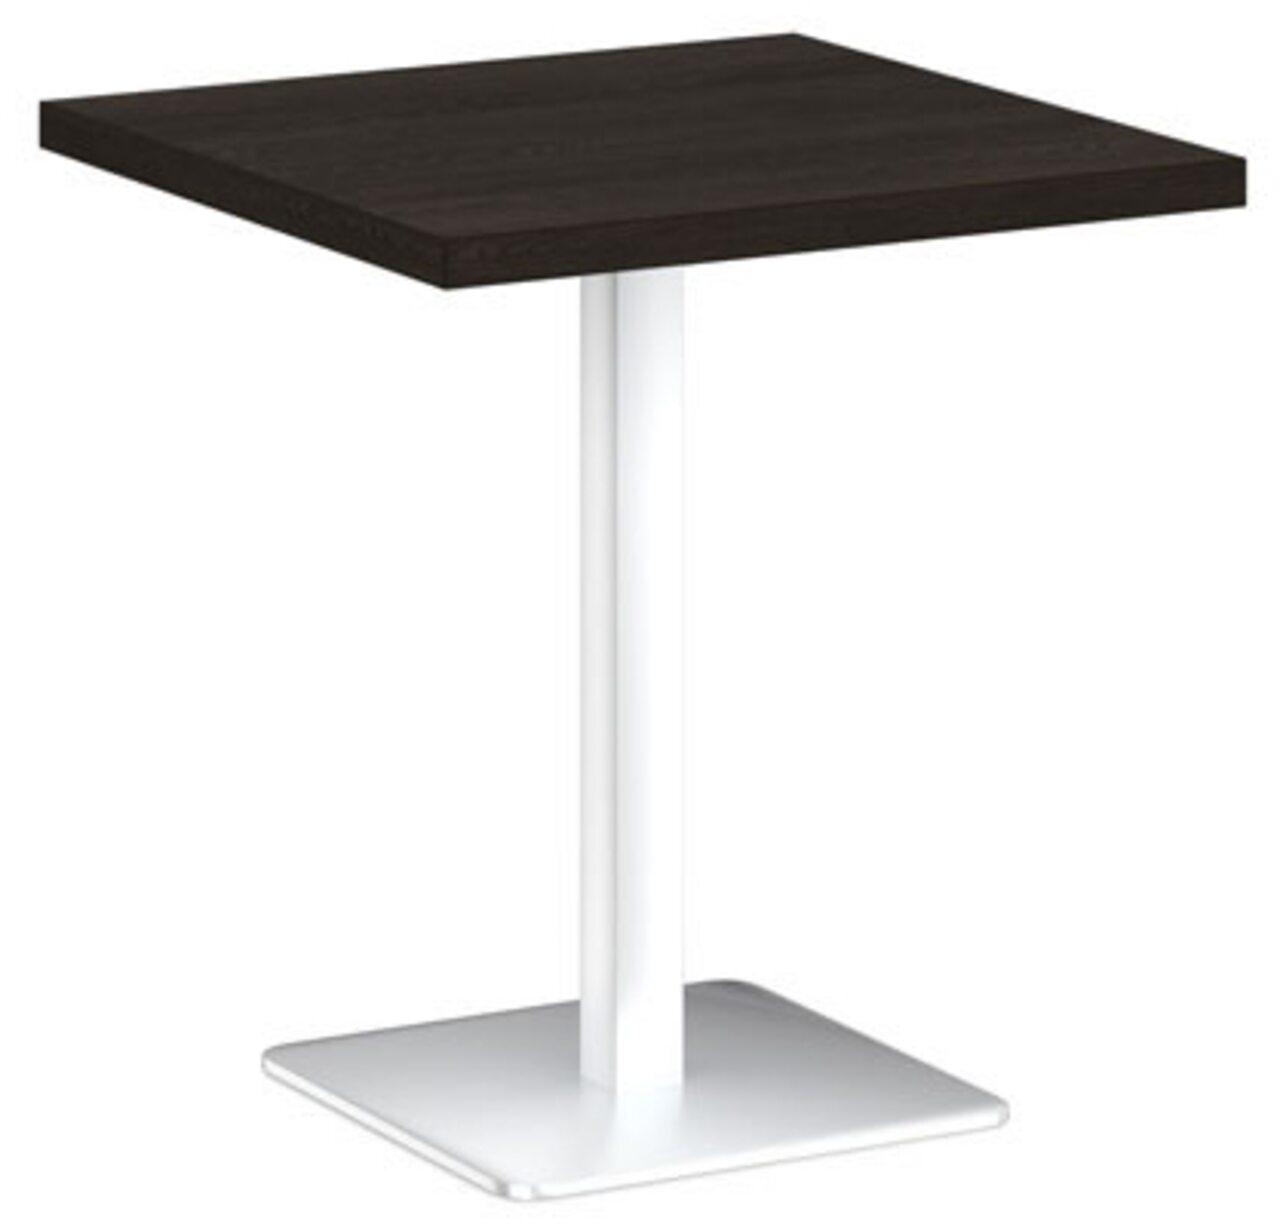 Стол на металлической опоре - фото 2